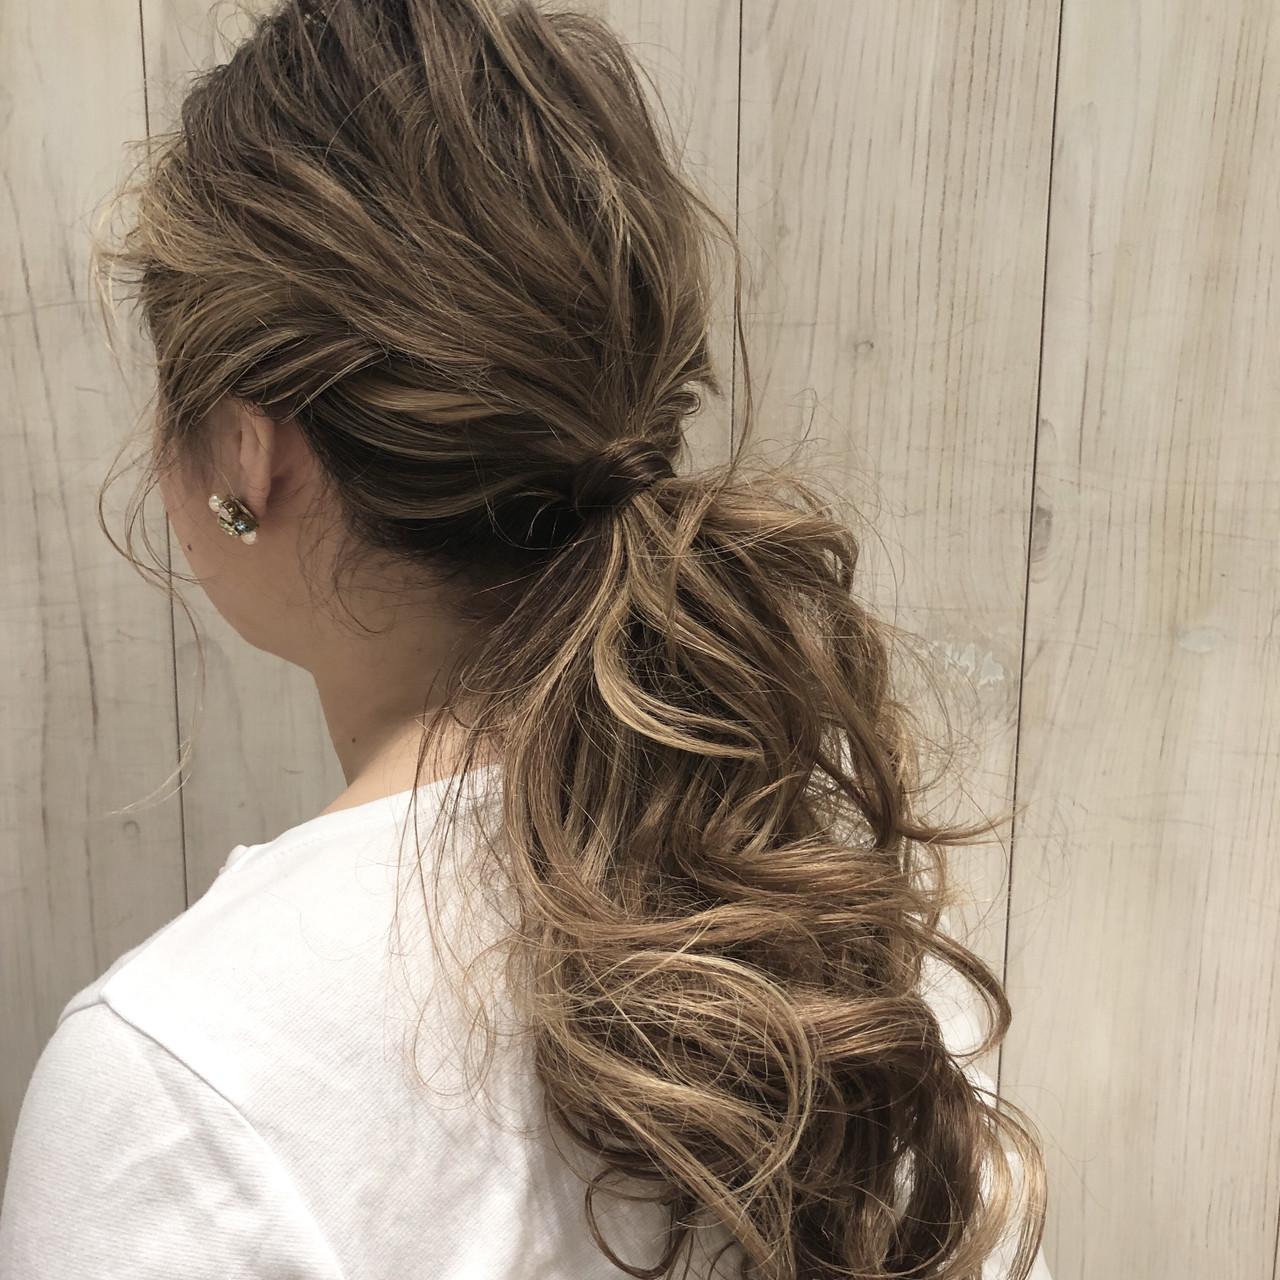 オフィス ナチュラル 簡単ヘアアレンジ デート ヘアスタイルや髪型の写真・画像 | 銀座美容師 河野絵奈 / kakimotoamsGINZA2chome店